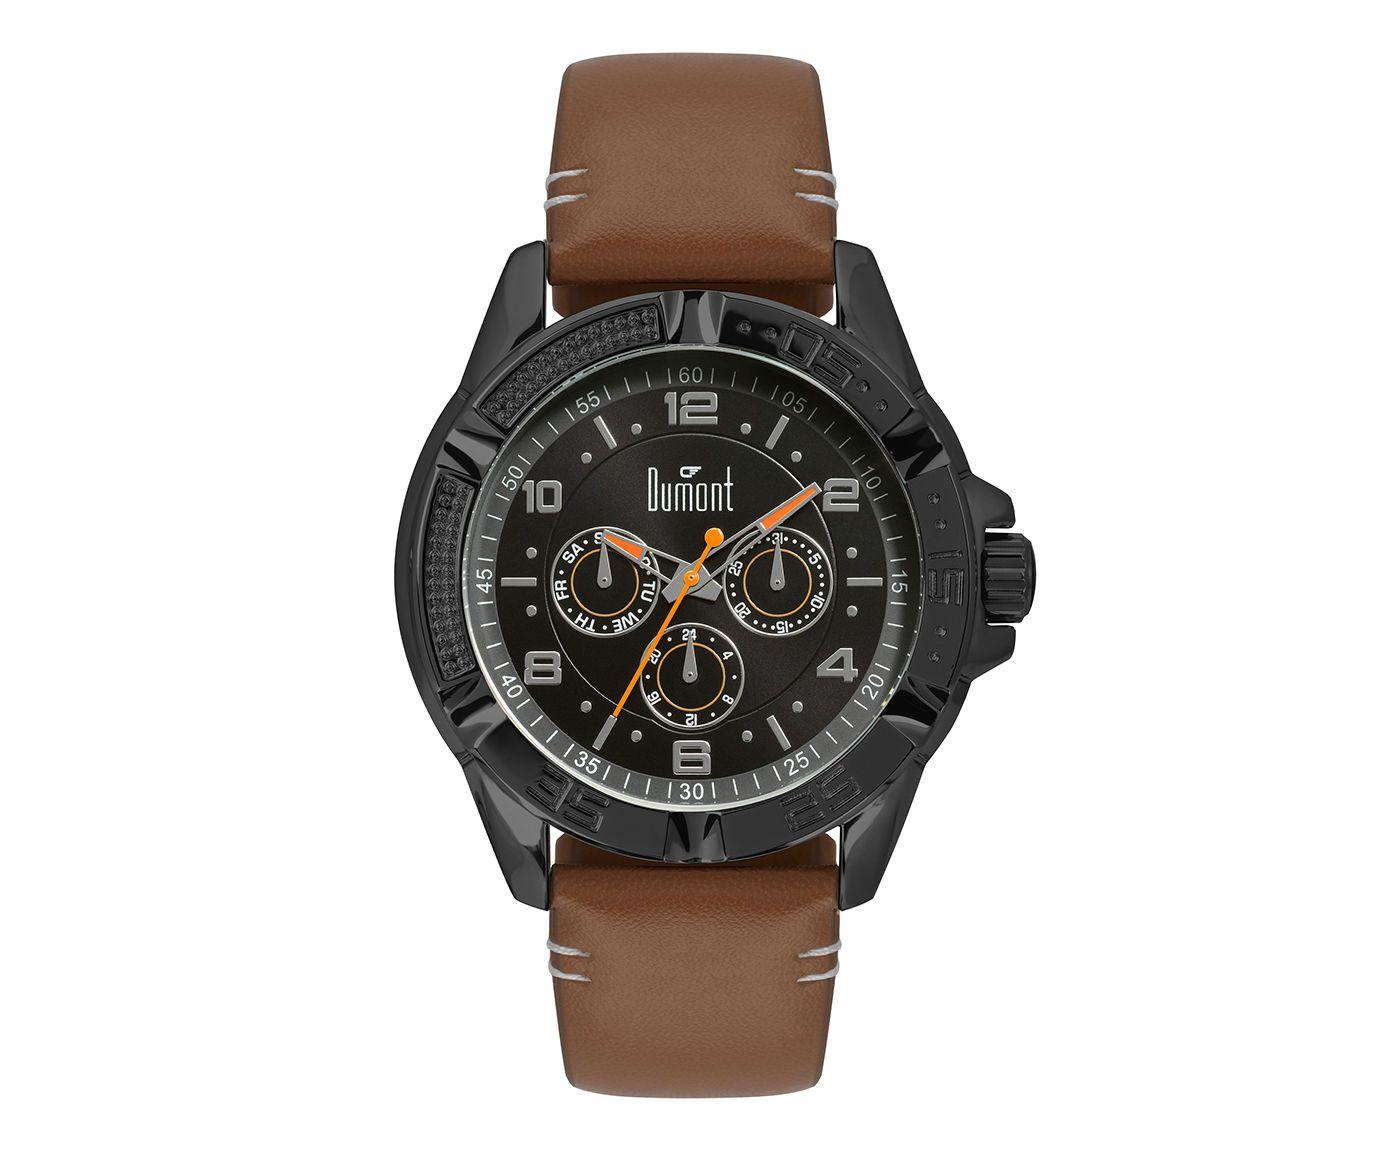 Relógio Dumont Preto e Marrom | Westwing.com.br